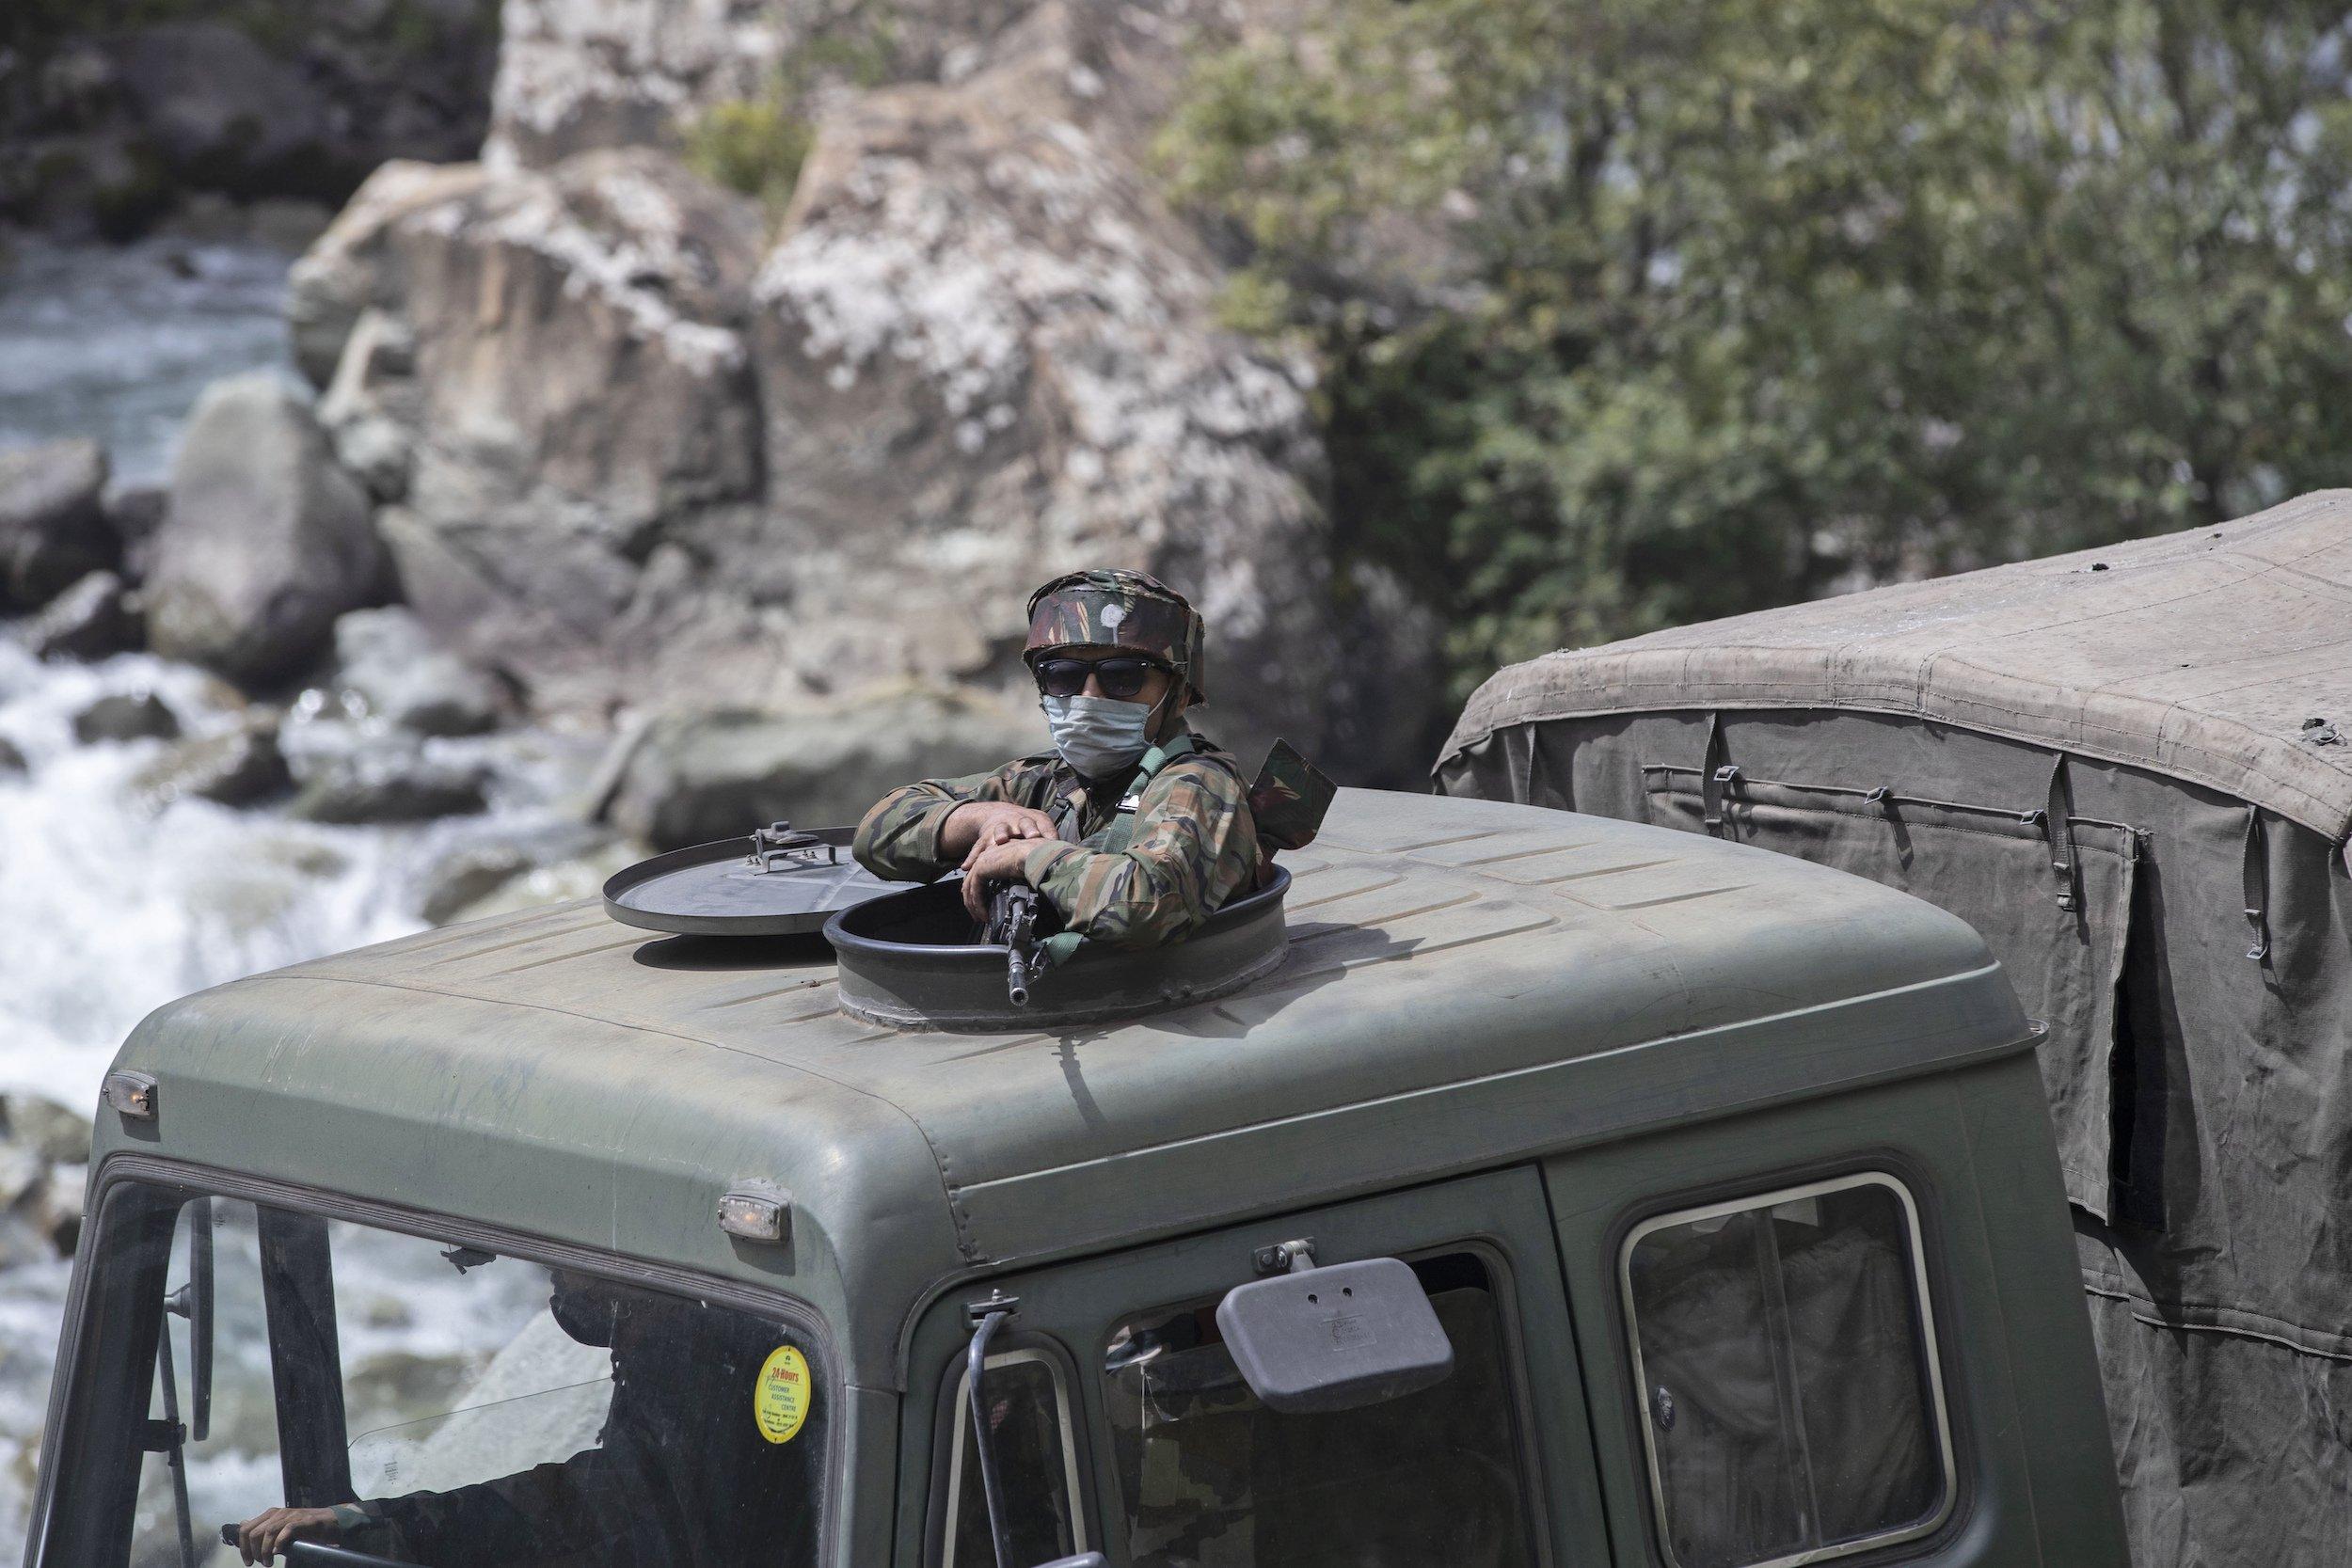 Ein maskierter indischer Soldat mit Gewehr schaut aus der Luke eines Militär-LKWs, das Fahrzeug steht an einem Fluss